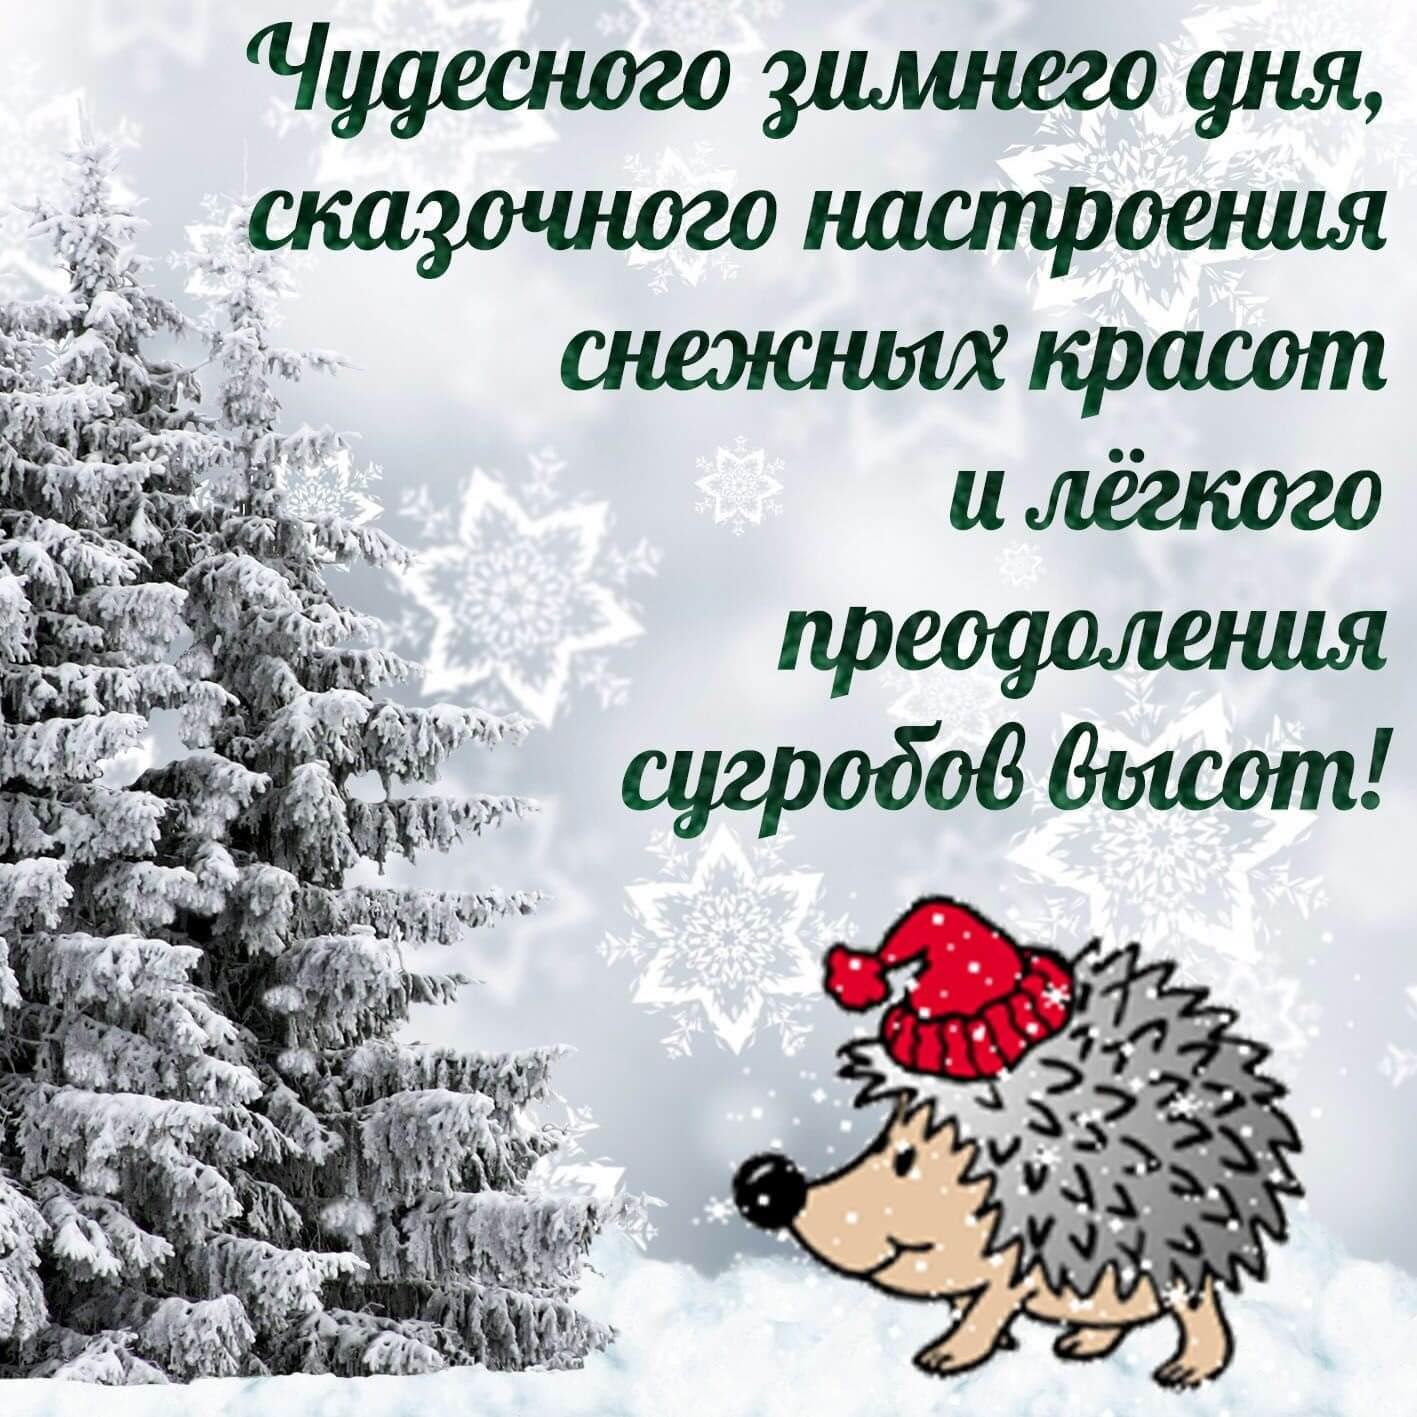 Топовые открытки с добрым зимним настроением 14